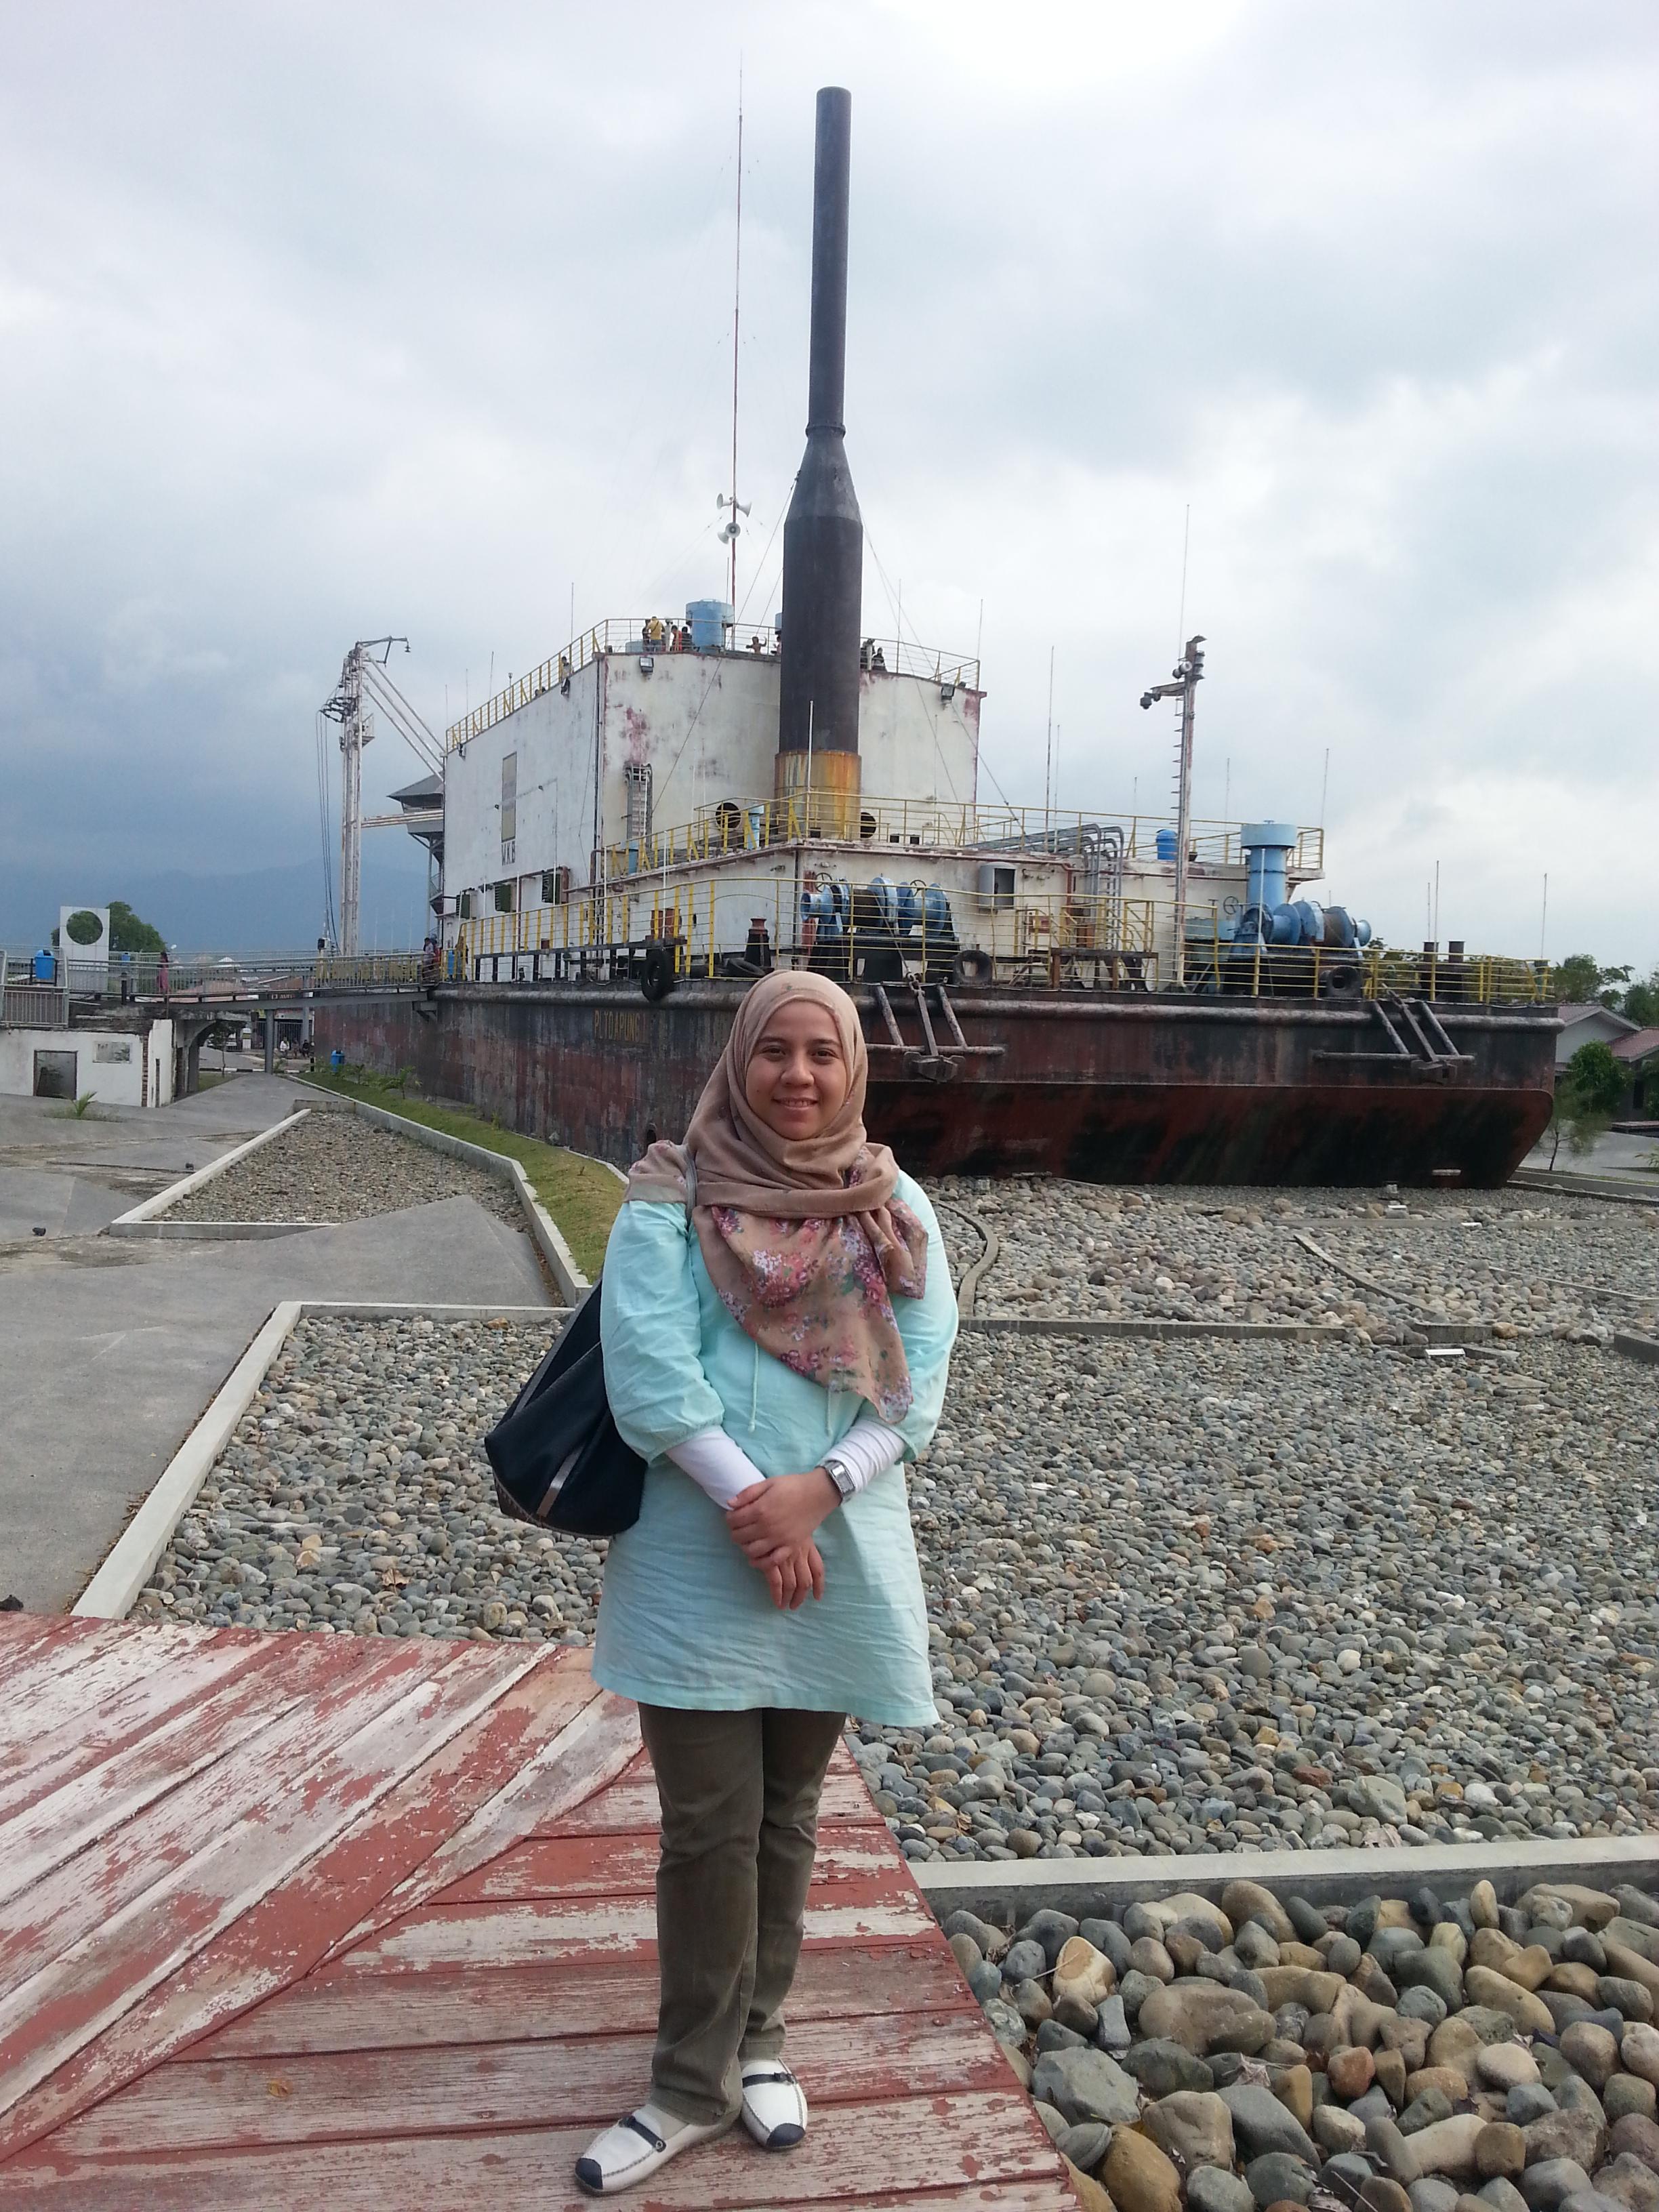 Mengenang Tsunami Banda Aceh 2004 Meganusa Wisata Sebenarnya Tempat Menarik